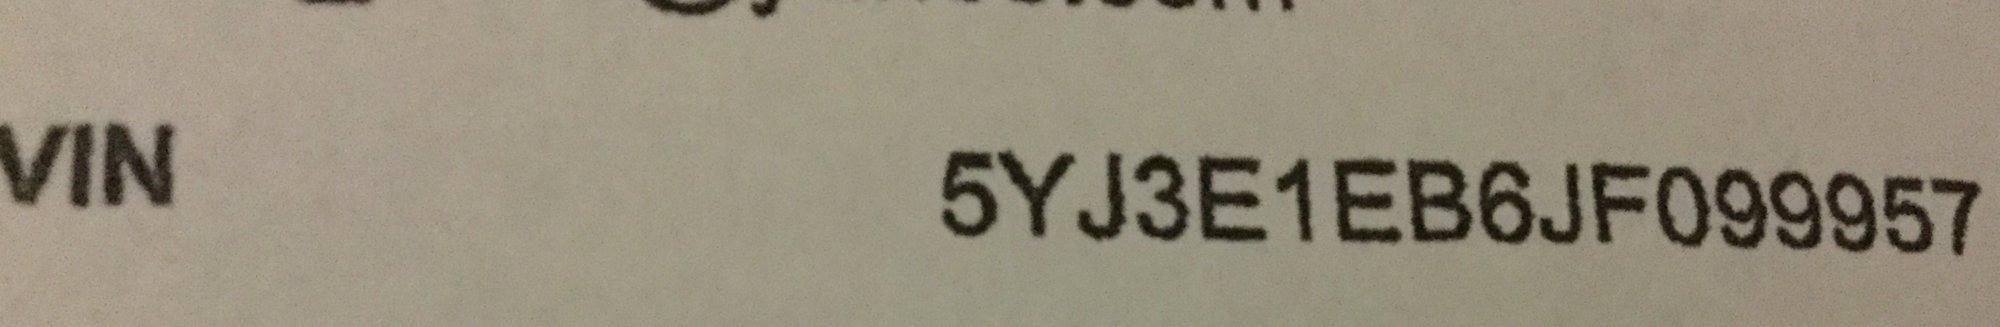 4FC37333-851C-4F6A-8E07-5A37B6AB3E9A.jpeg